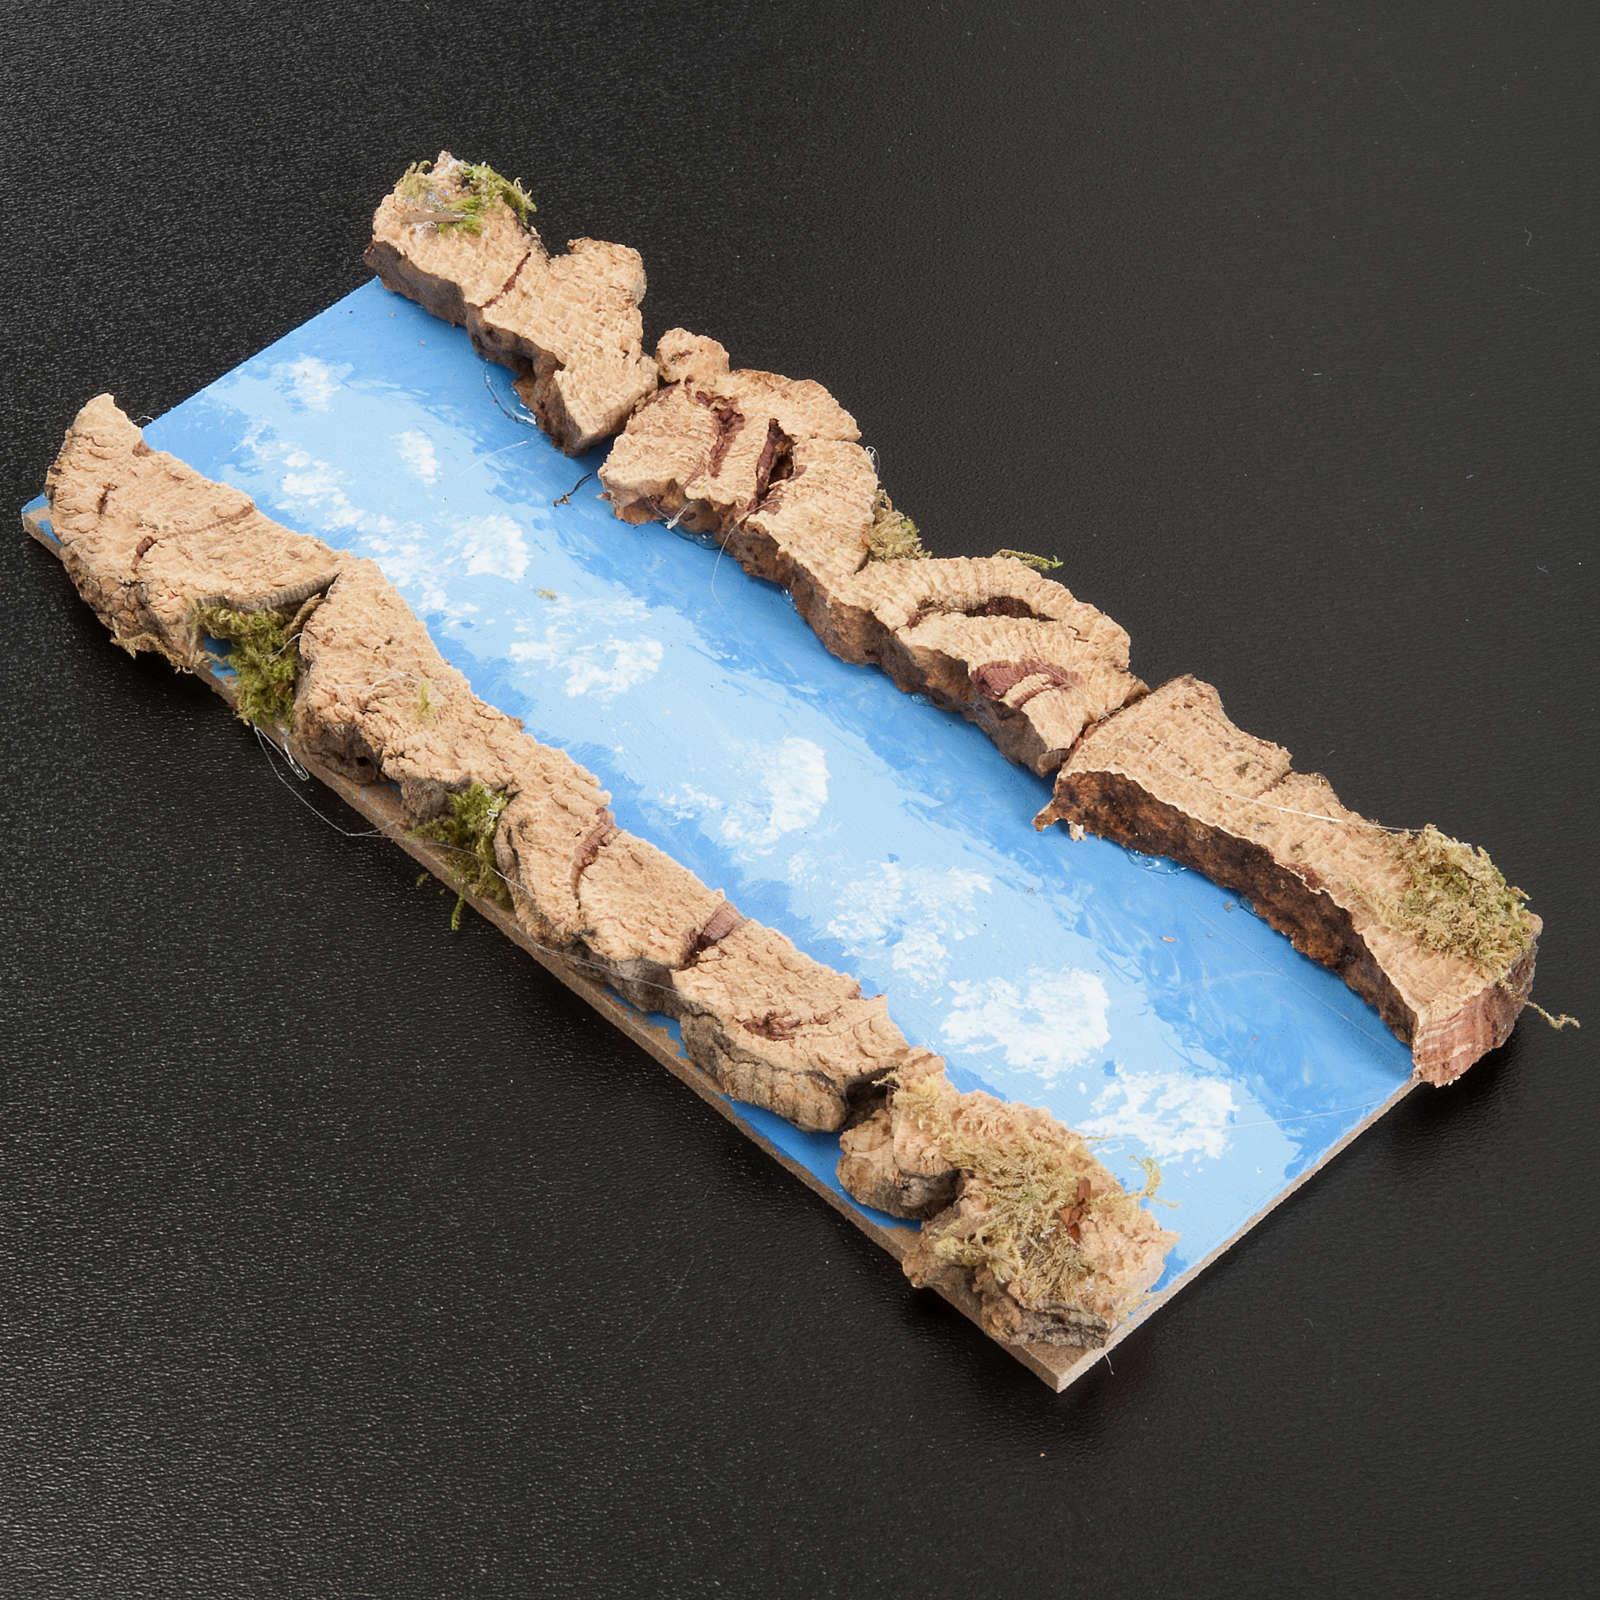 Troço de rio reto 16x7 cm 4